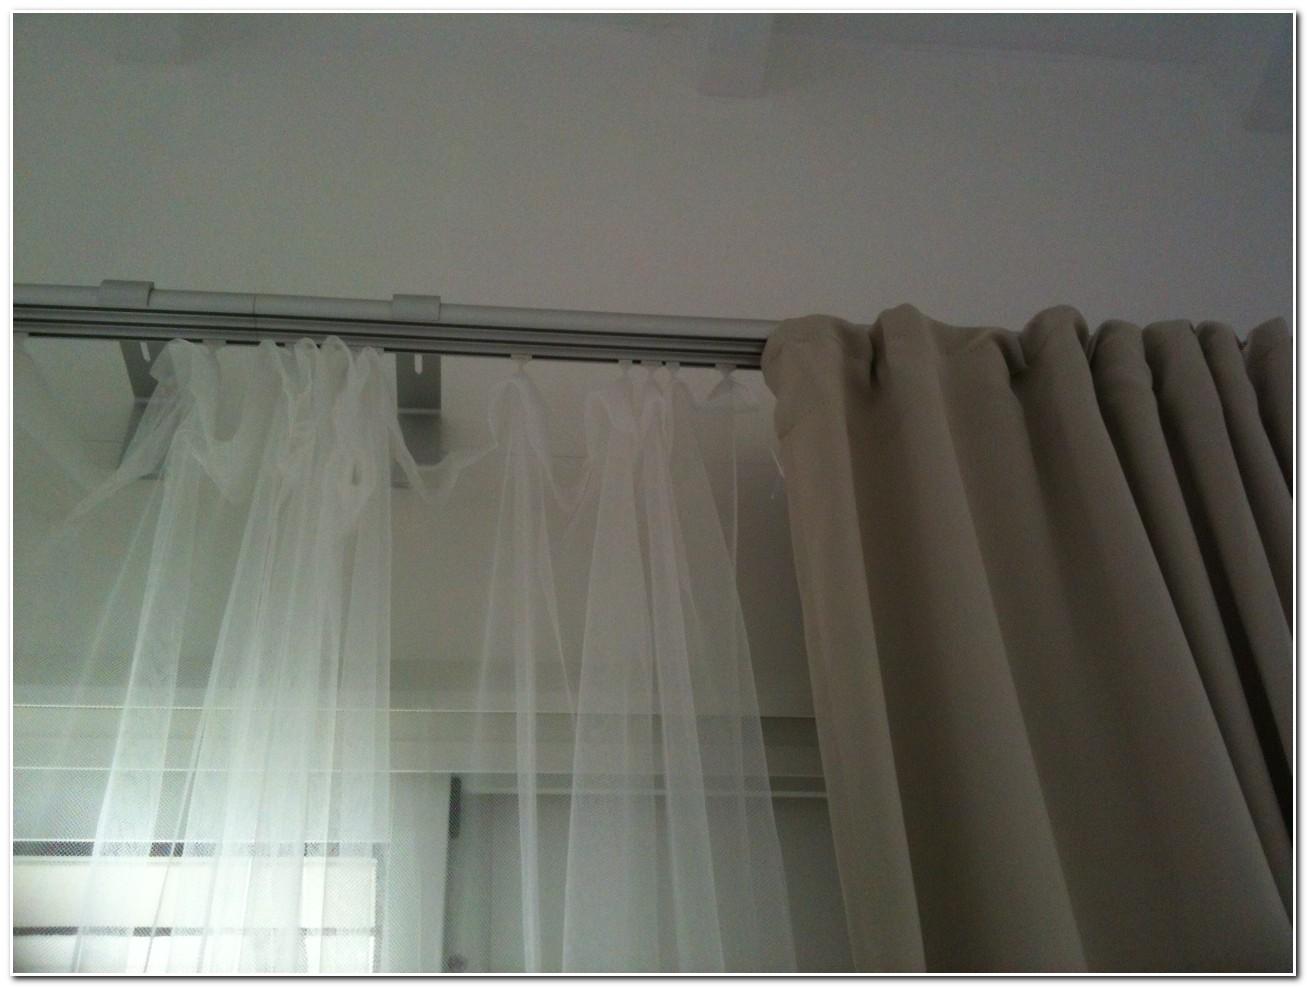 Rails pour rideaux au plafond rideau id es de d coration de maison lblaxomnm7 - Rail rideau plafond ...